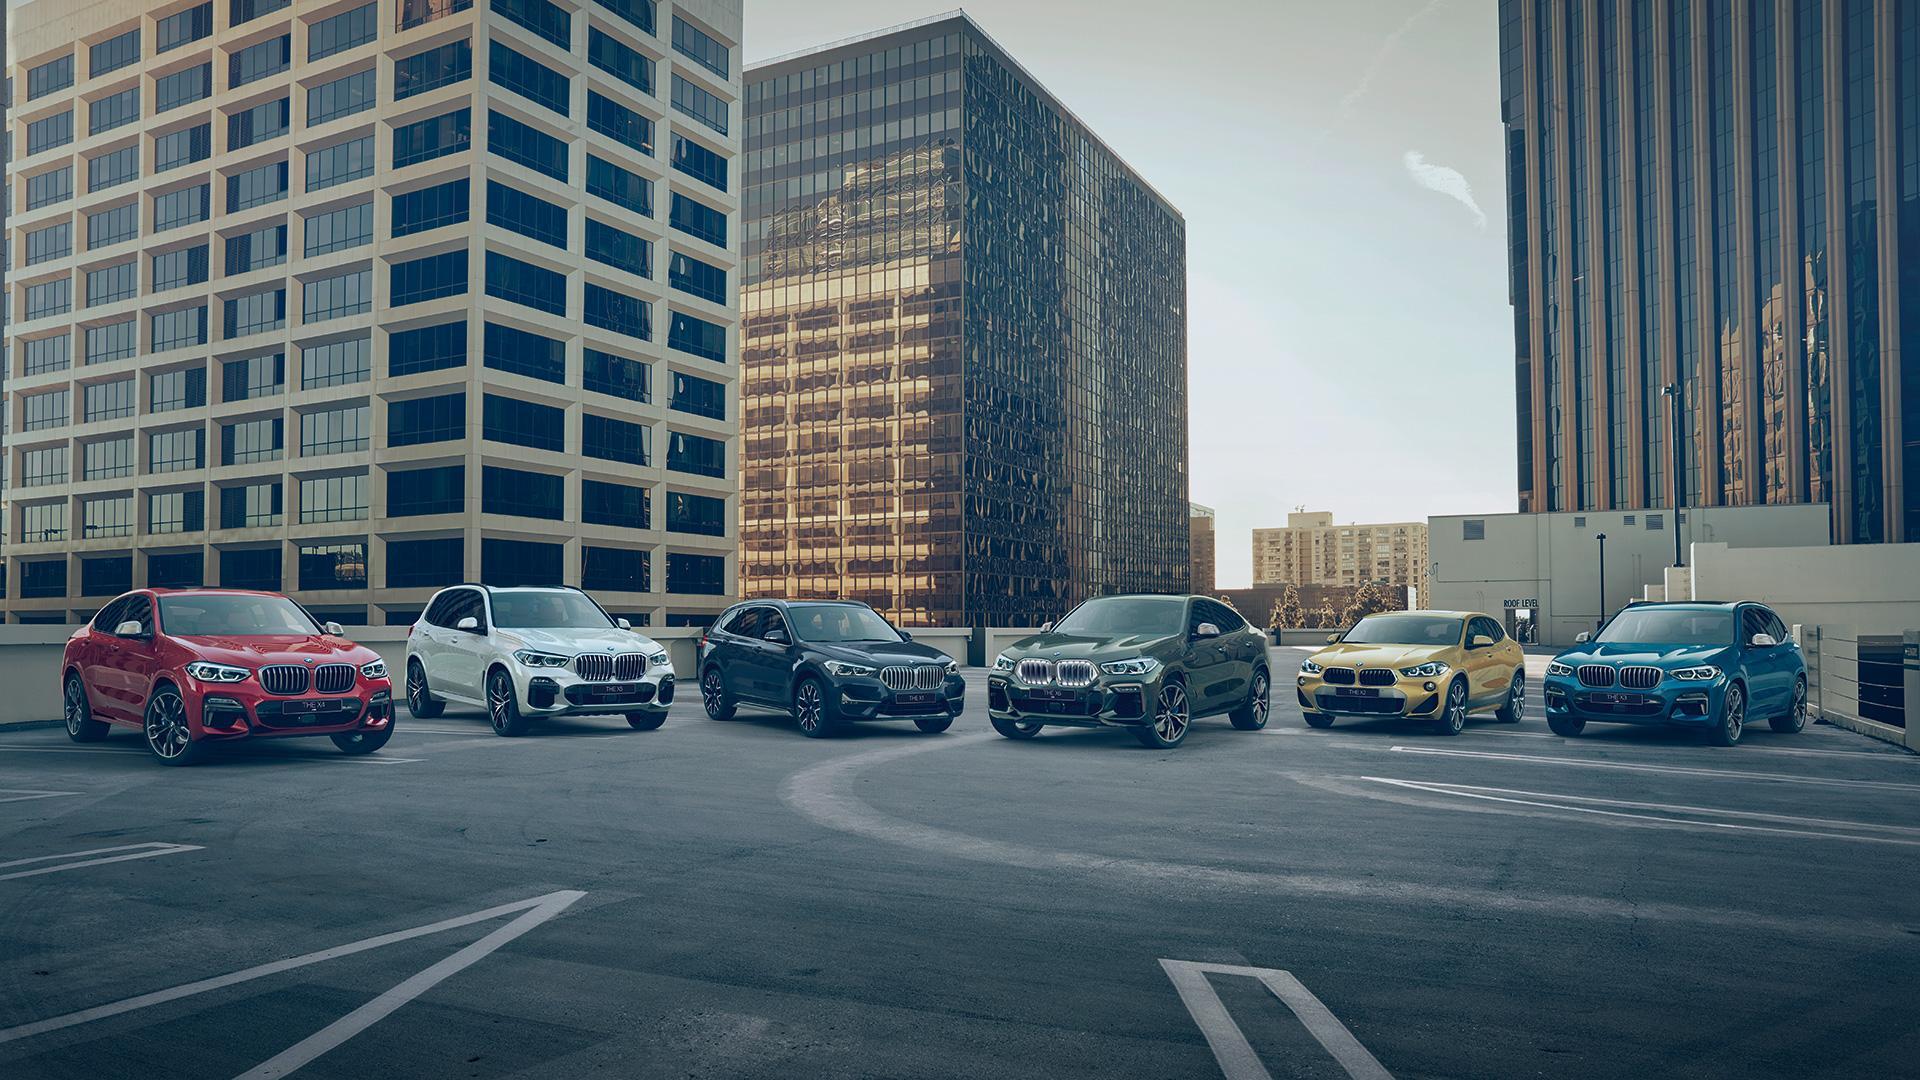 ВРЕМЯ ВЫБРАТЬ ВАШ НОВЫЙ BMW С ПРЕИМУЩЕСТВАМИ ОТ «РУС МОТОРС»